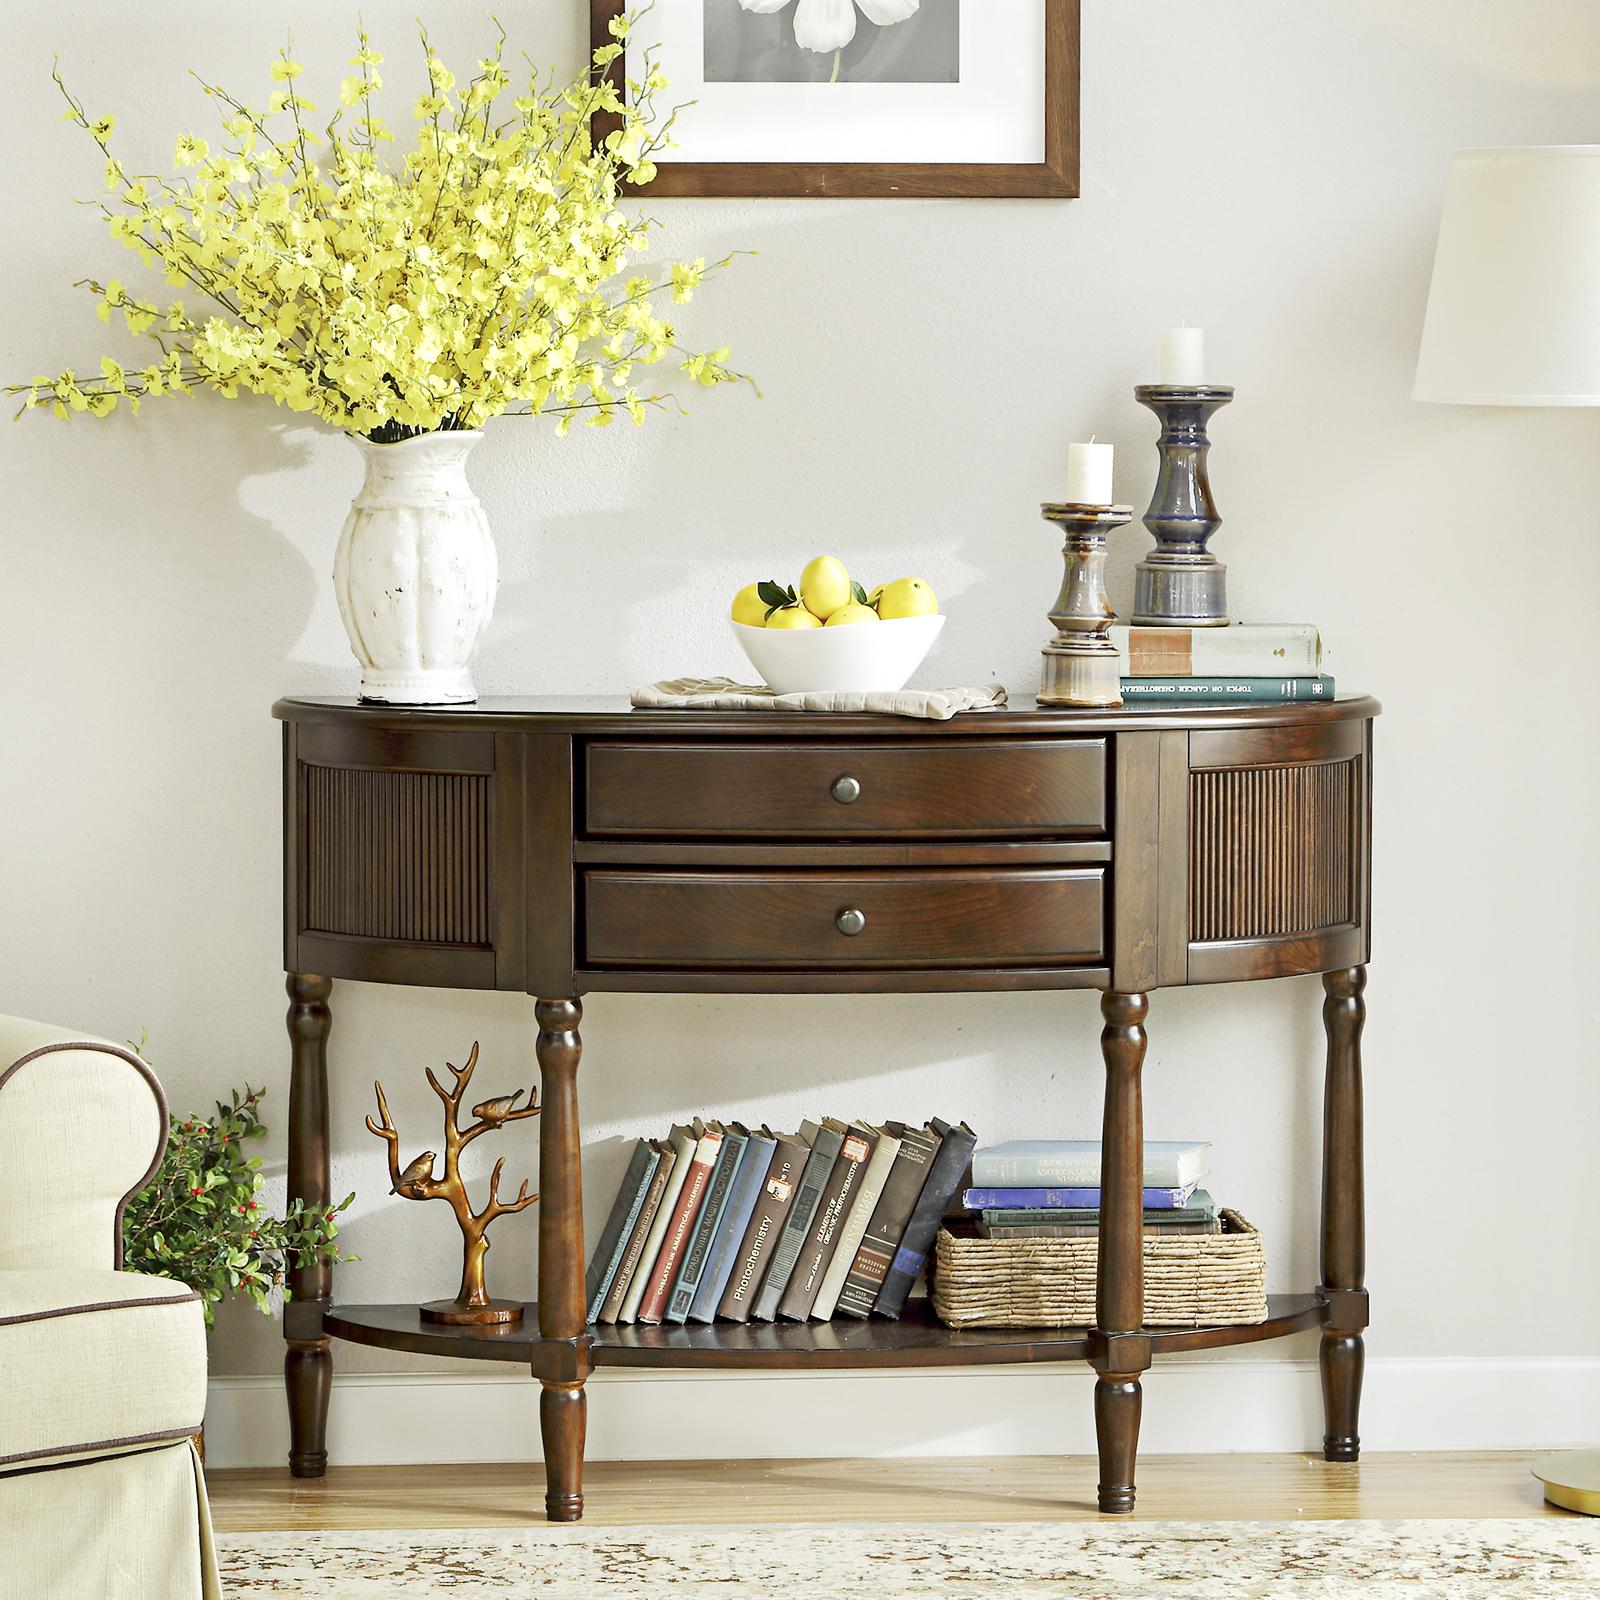 美式半圆桌玄关台客厅简约玄关柜隔断柜全实木门厅边桌装饰储物柜